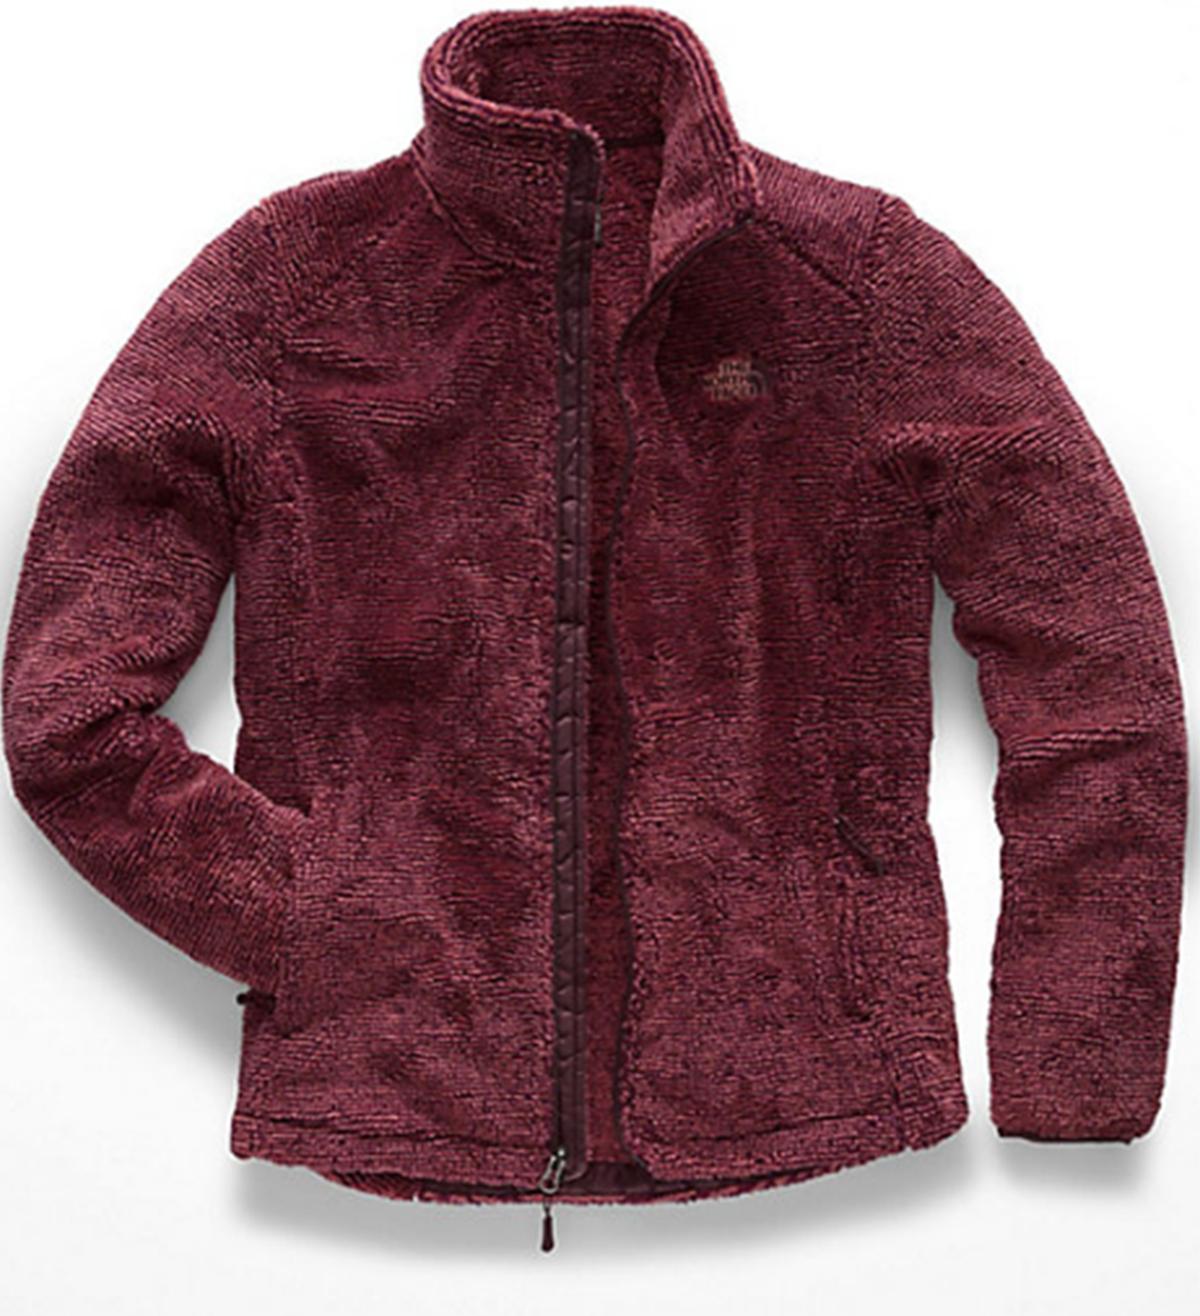 soft-jacket